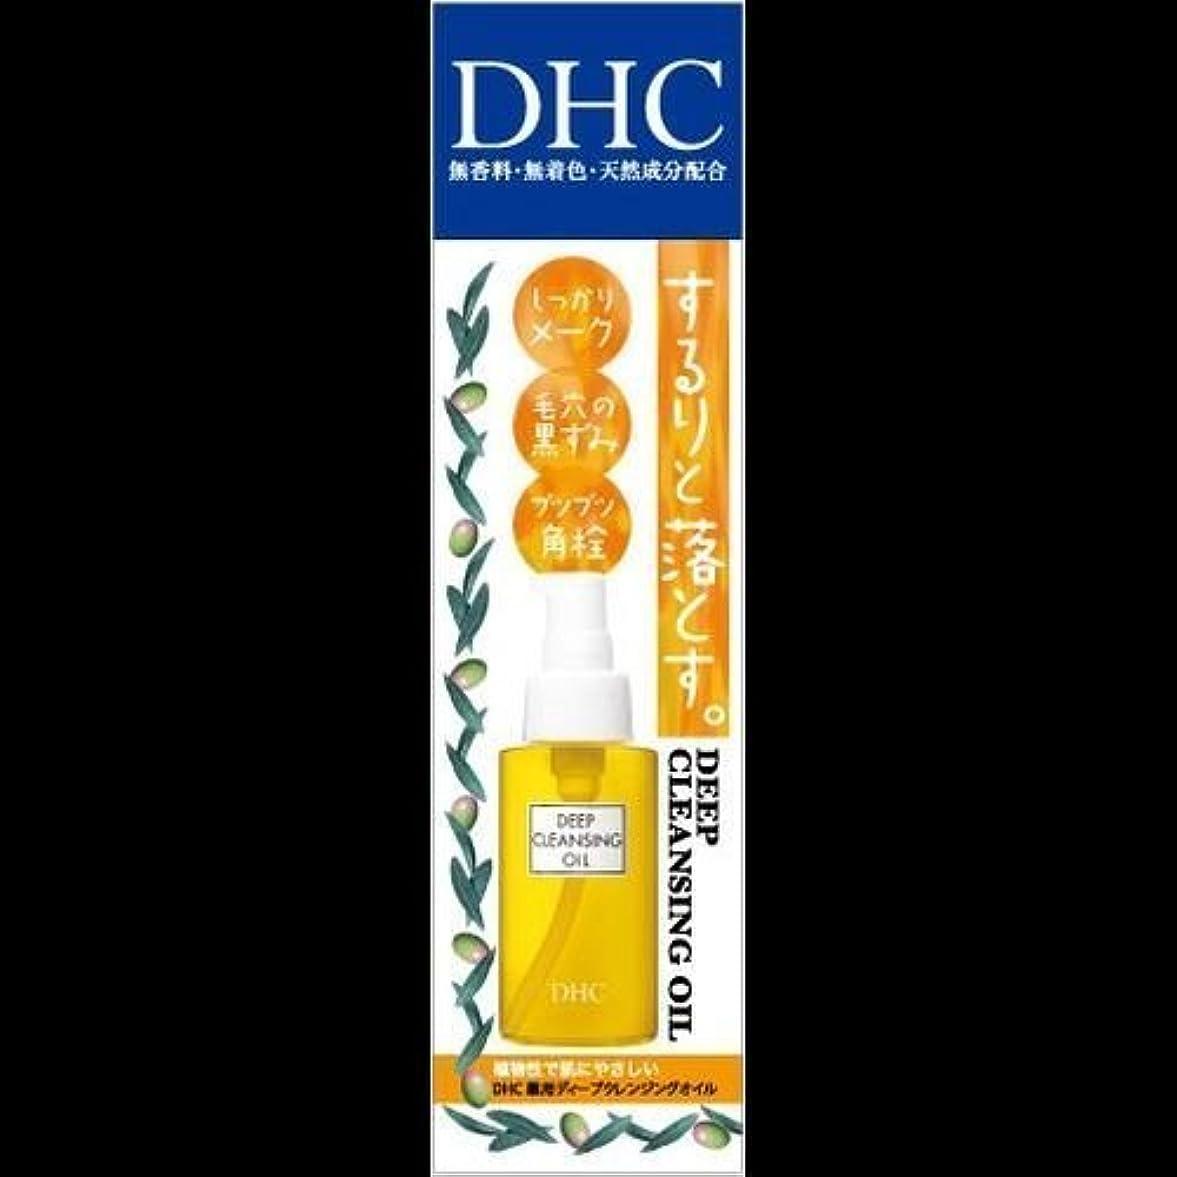 アリス理想的には講義【まとめ買い】DHC 薬用ディープクレンジングオイル(SS) 70ml ×2セット